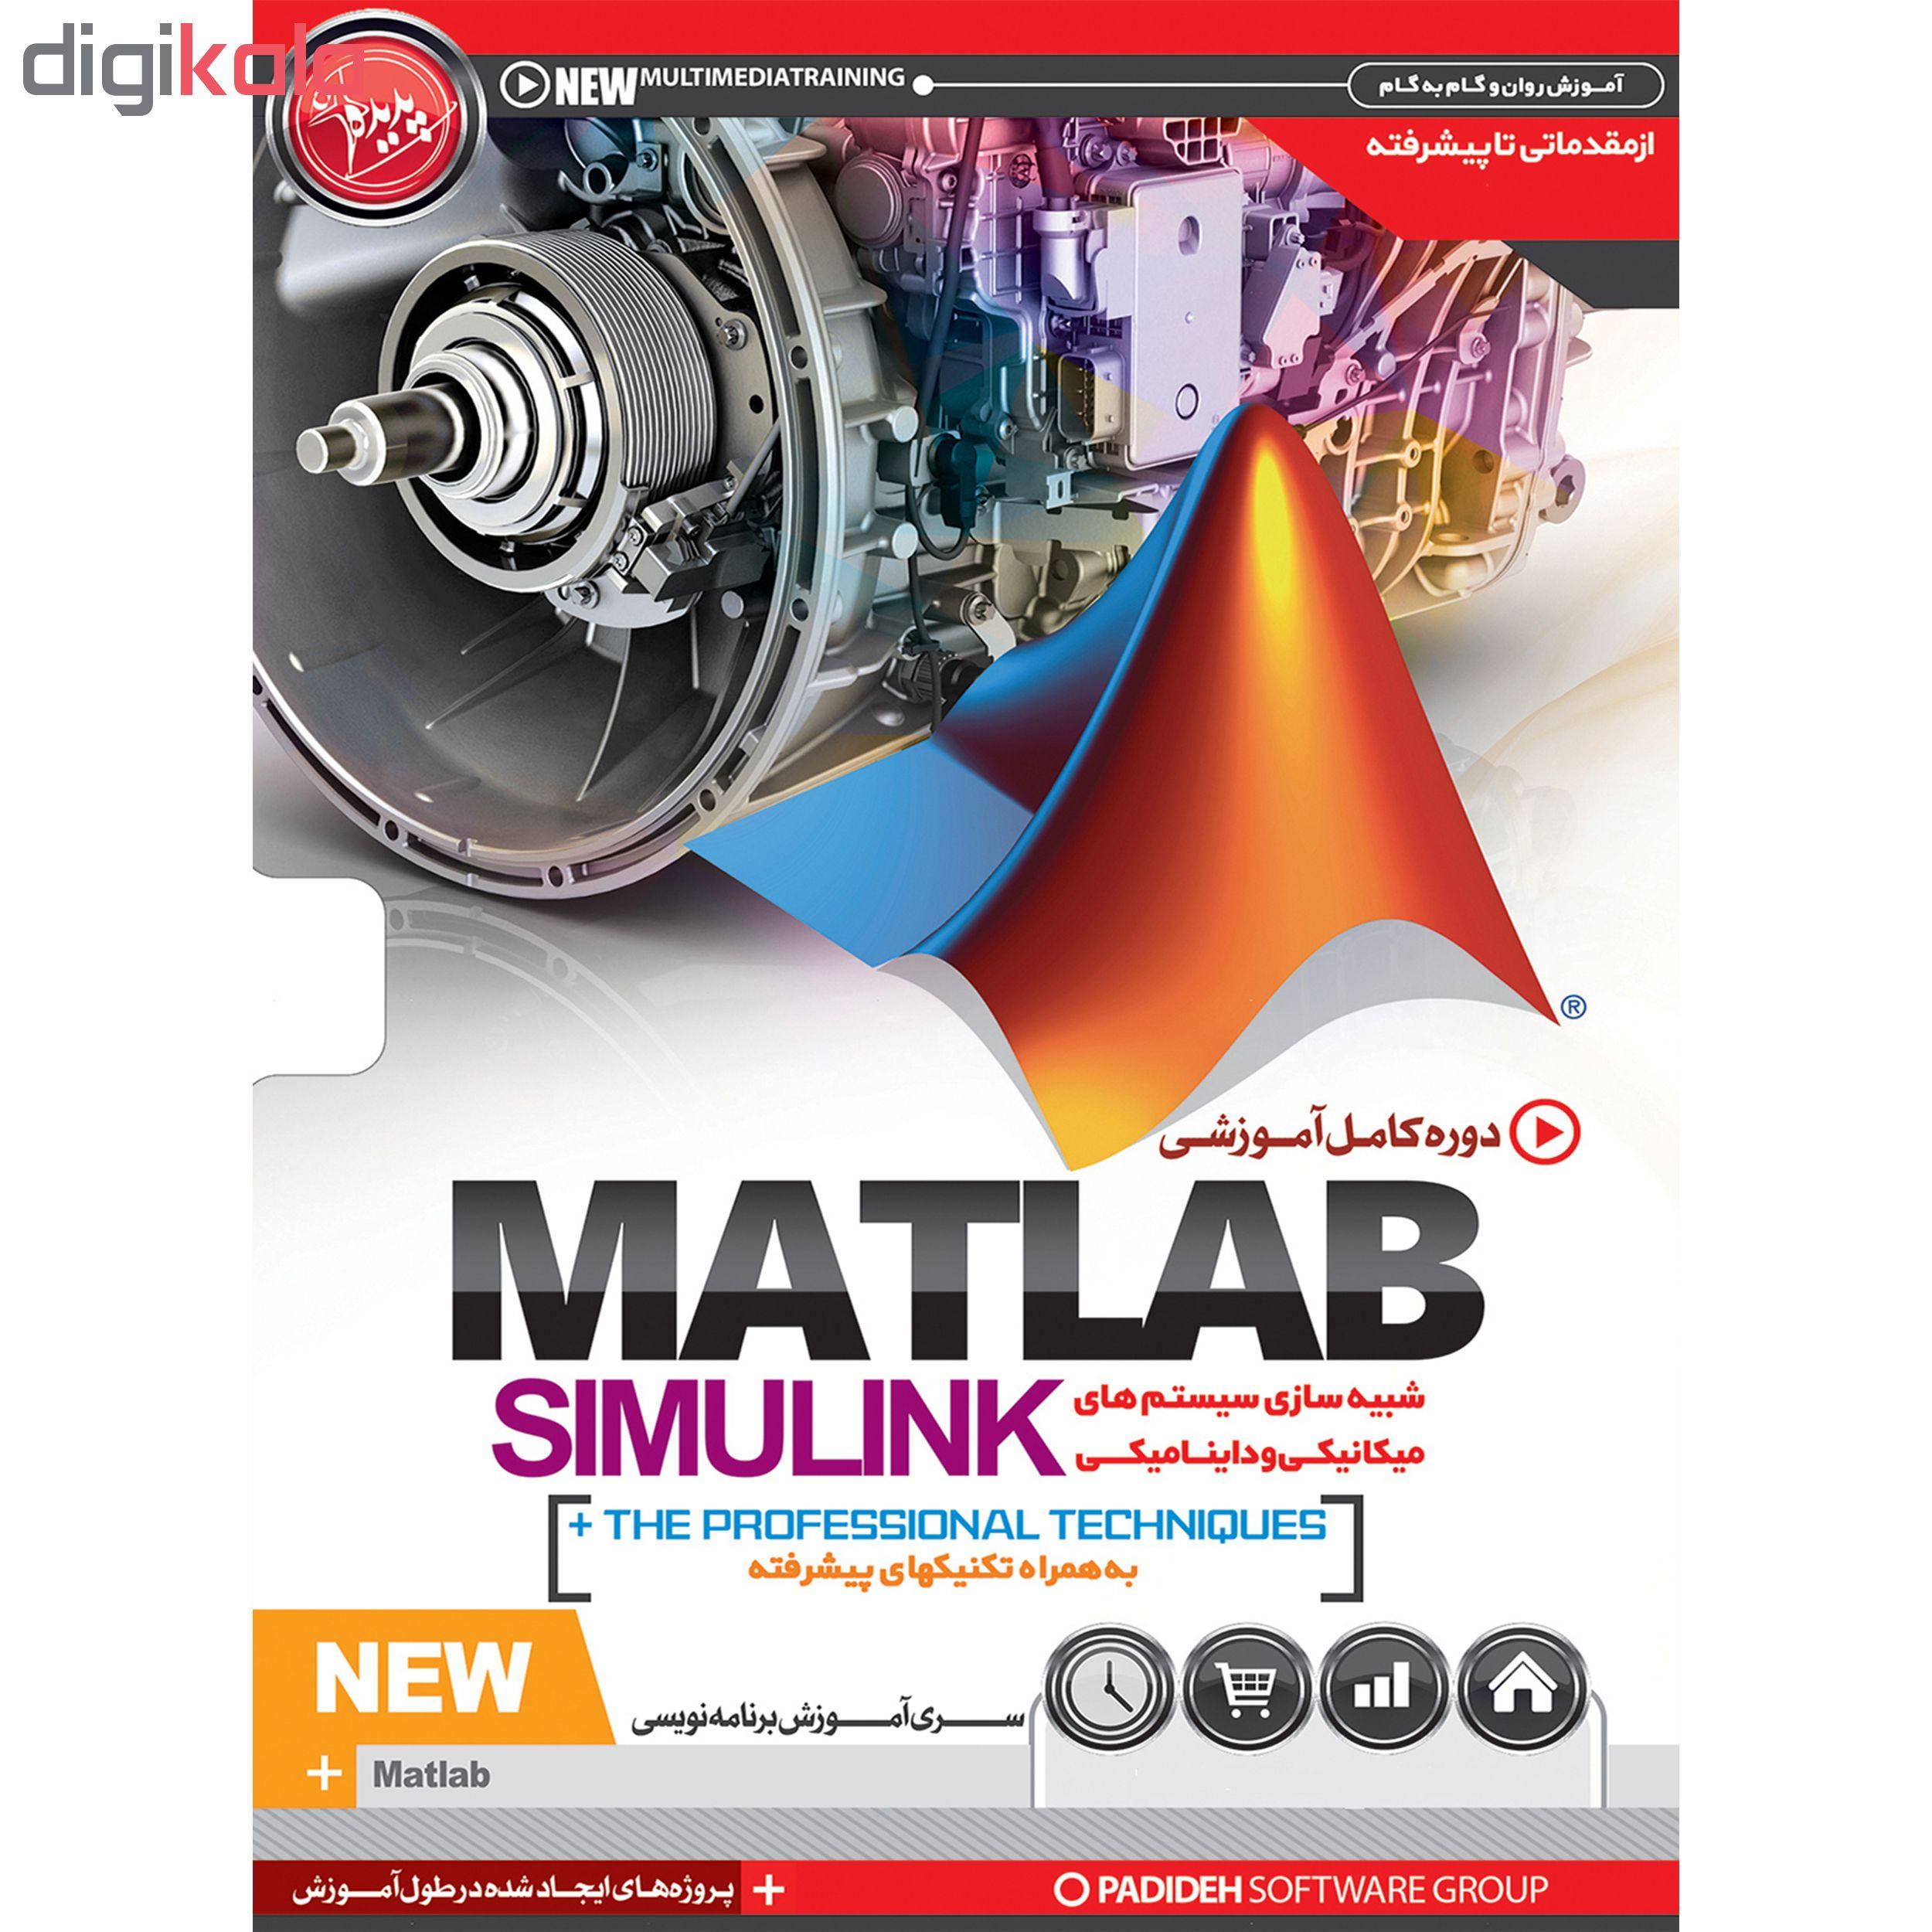 نرم افزار آموزش MATLAB SIMULINK نشر پدیده به همراه نرم افزار MATLAB 2018 نشر نوین پندار